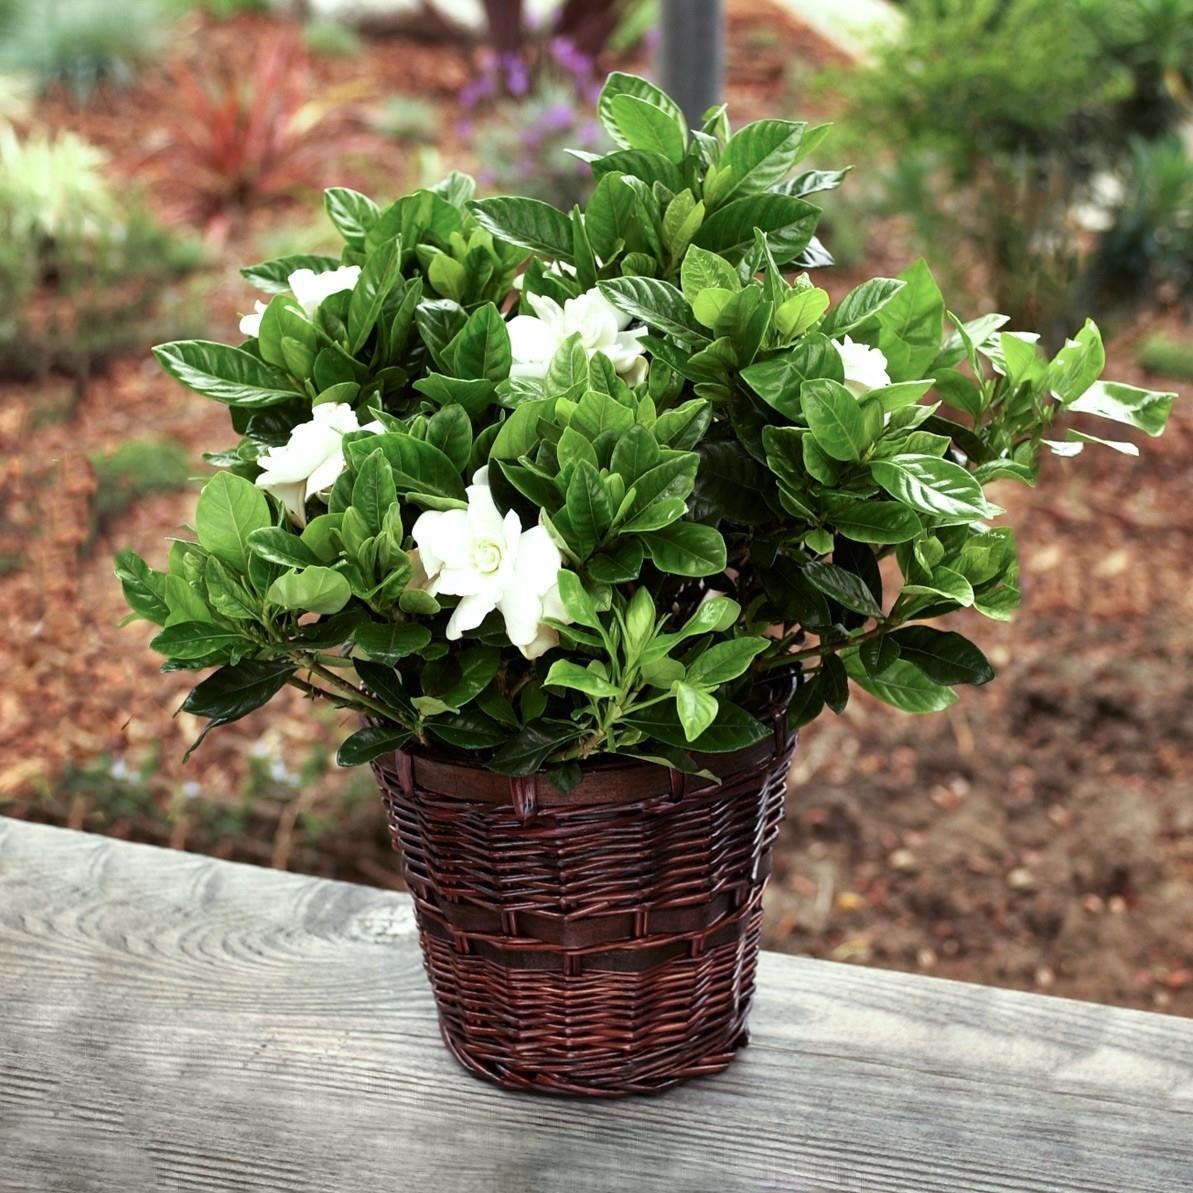 Gardenia pianta piante da interno conoscere la gardenia - Gardenia pianta da interno o esterno ...